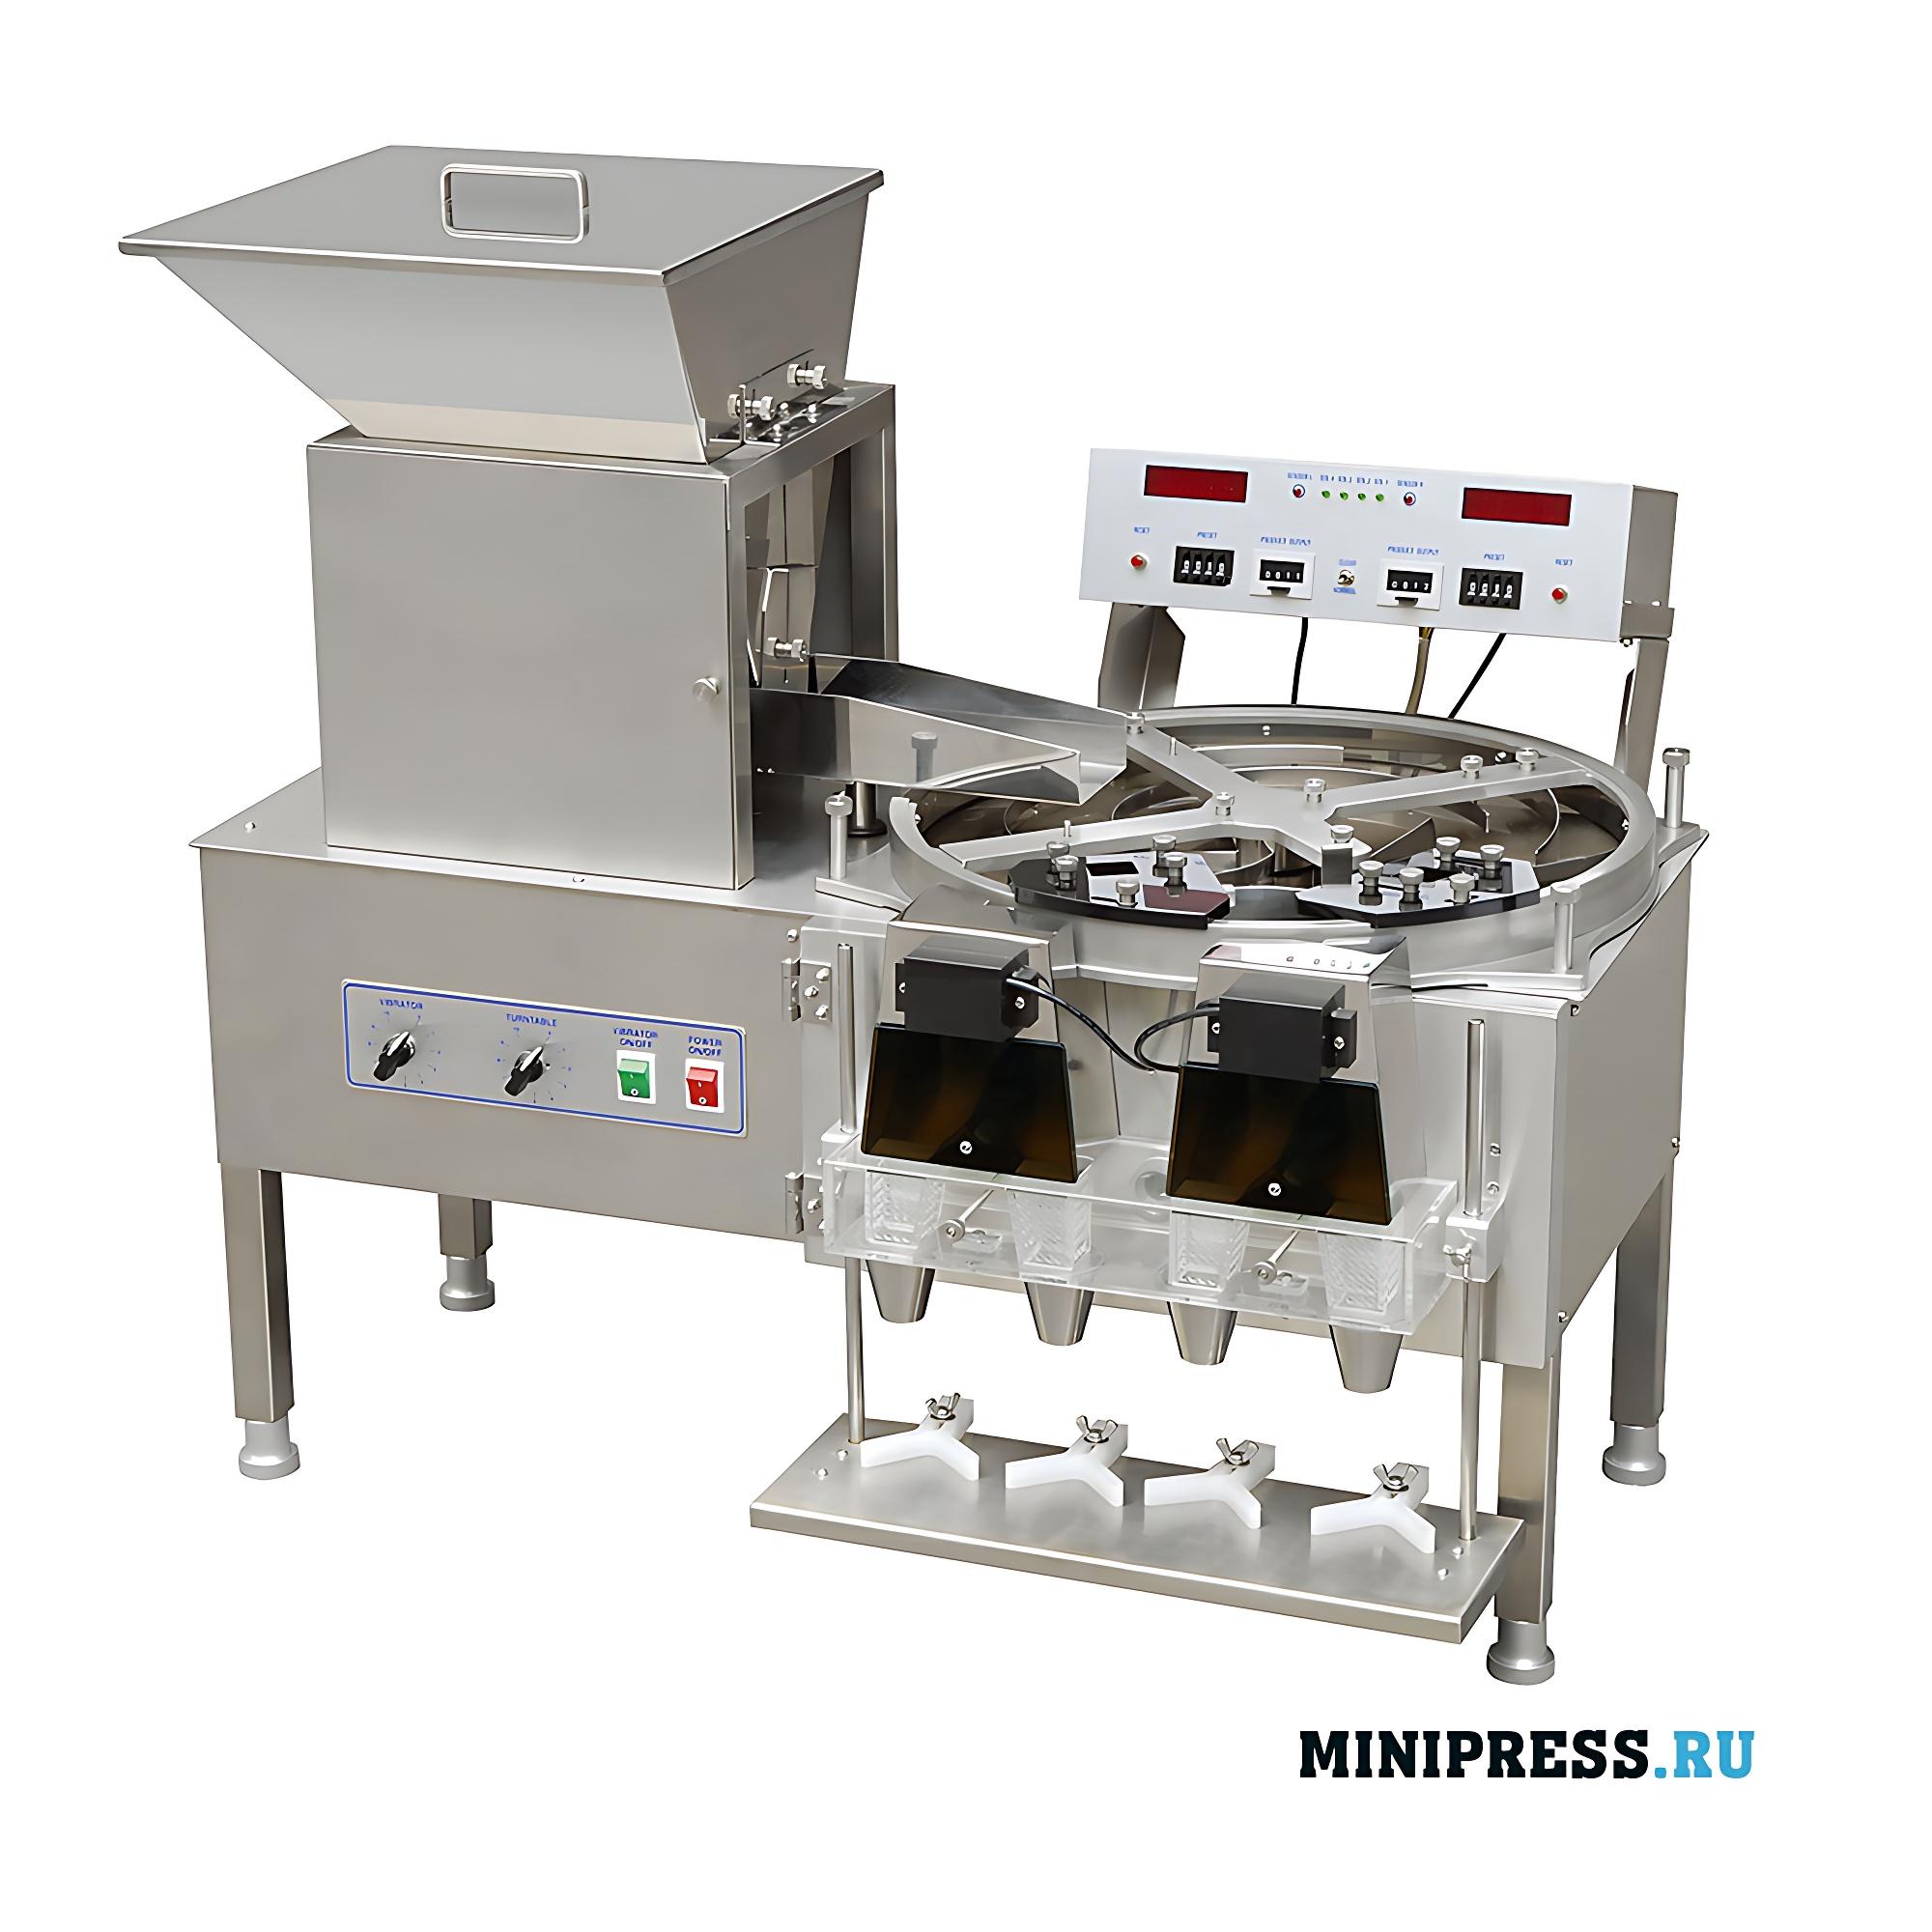 Фармацевтическое оборудование для счета и фасовки желатиновых капсул и таблеток